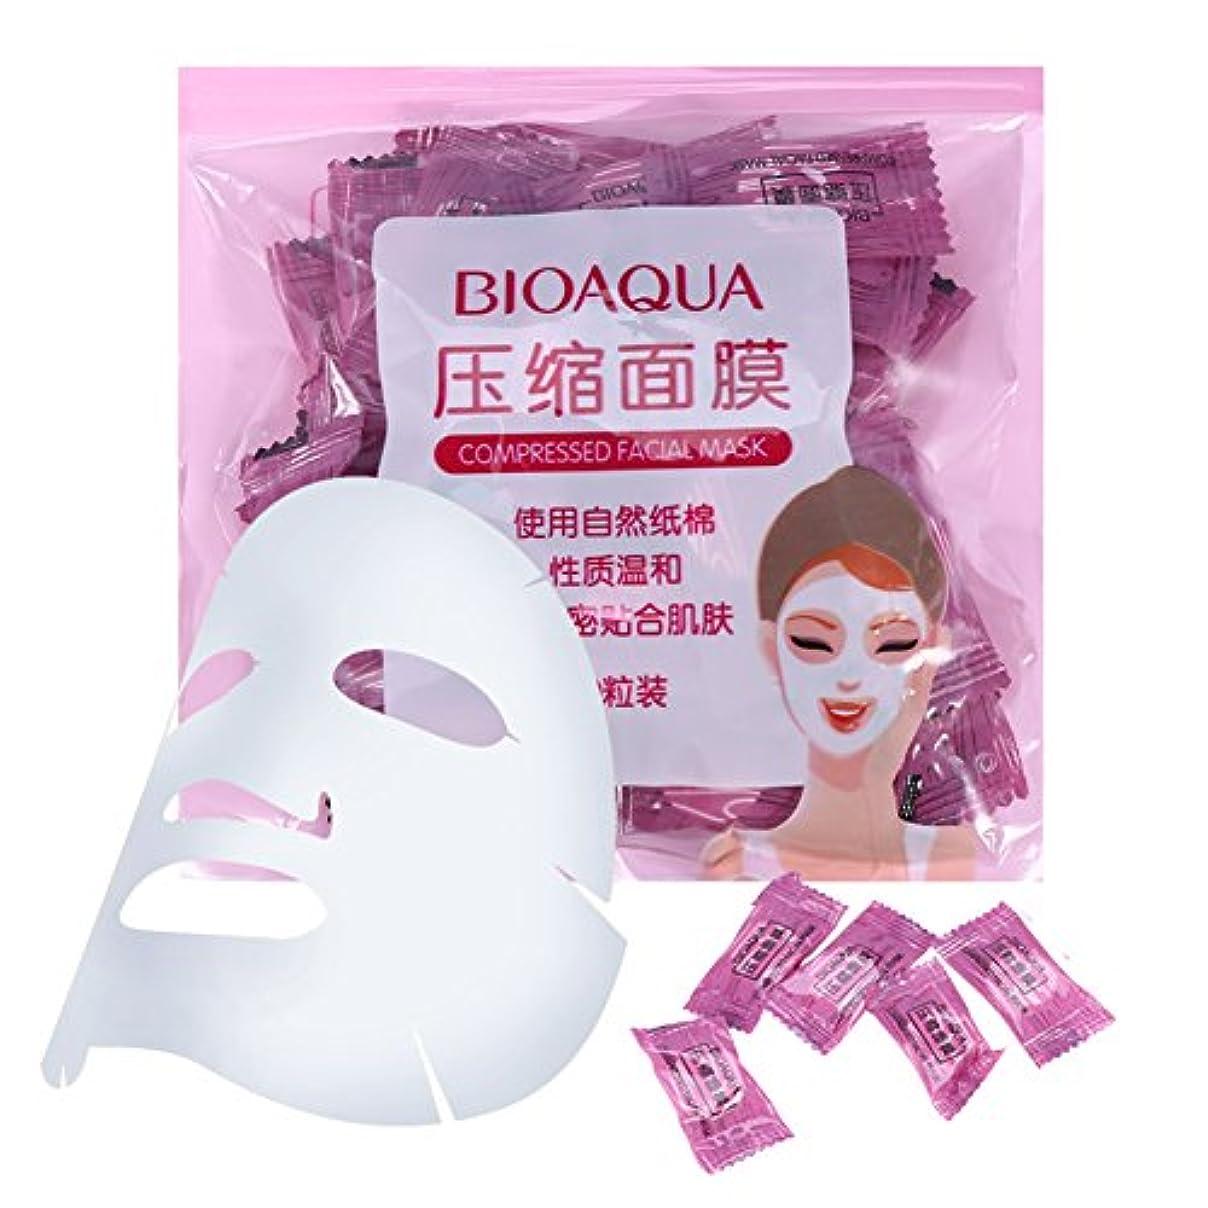 よろしく辛な繊細スキンケア 50個/パックナチュラル 不織布 圧縮 フェイスマスク DIYフェイシャルマスク